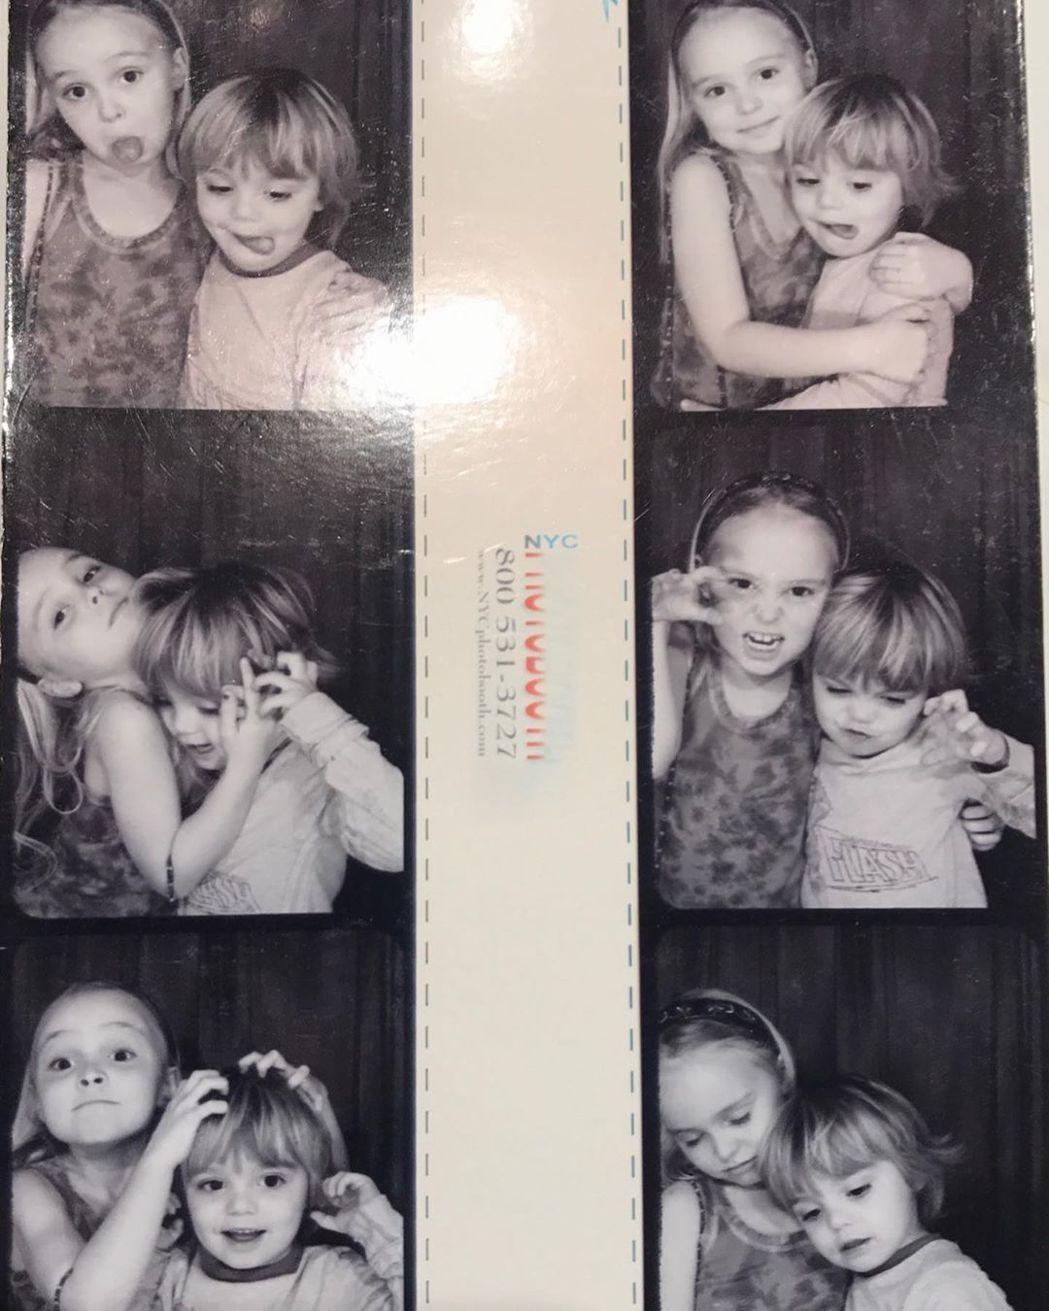 莉莉羅絲發布和弟弟傑克童年時合照,祝他18歲生日快樂。圖/摘自Instagram